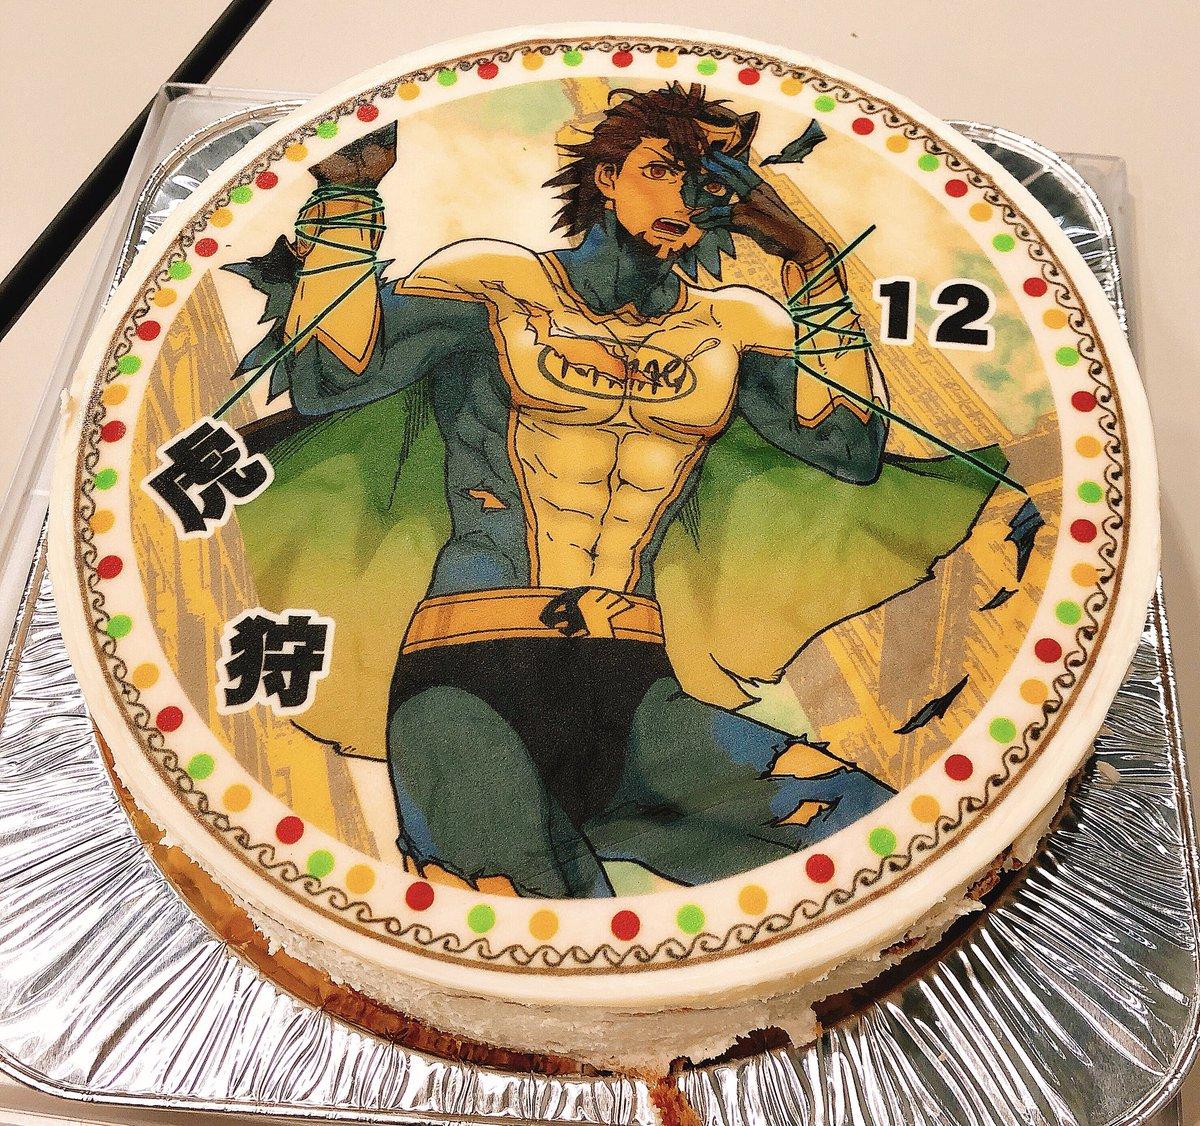 虎狩12お疲れ様でしたー!今回のイラストを担当させて頂きました!がっつりクソス描けて嬉しかったです!恒例のケーキのケースなしの画像をどうぞ☺️私は目を食べました